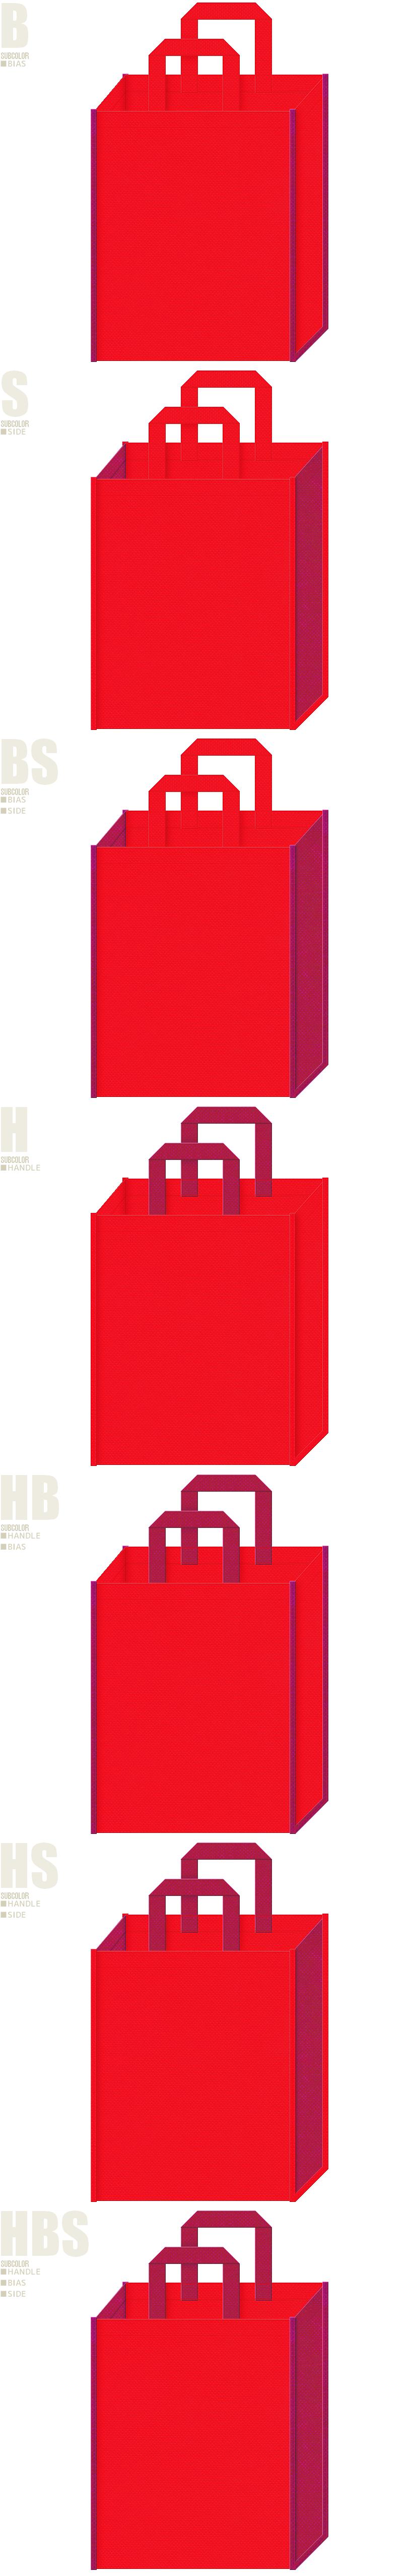 舞妓・和傘・和風催事・絢爛・花魁・ゲームの展示会用バッグにお奨めの不織布バッグデザイン:赤色と濃いピンク色の配色7パターン